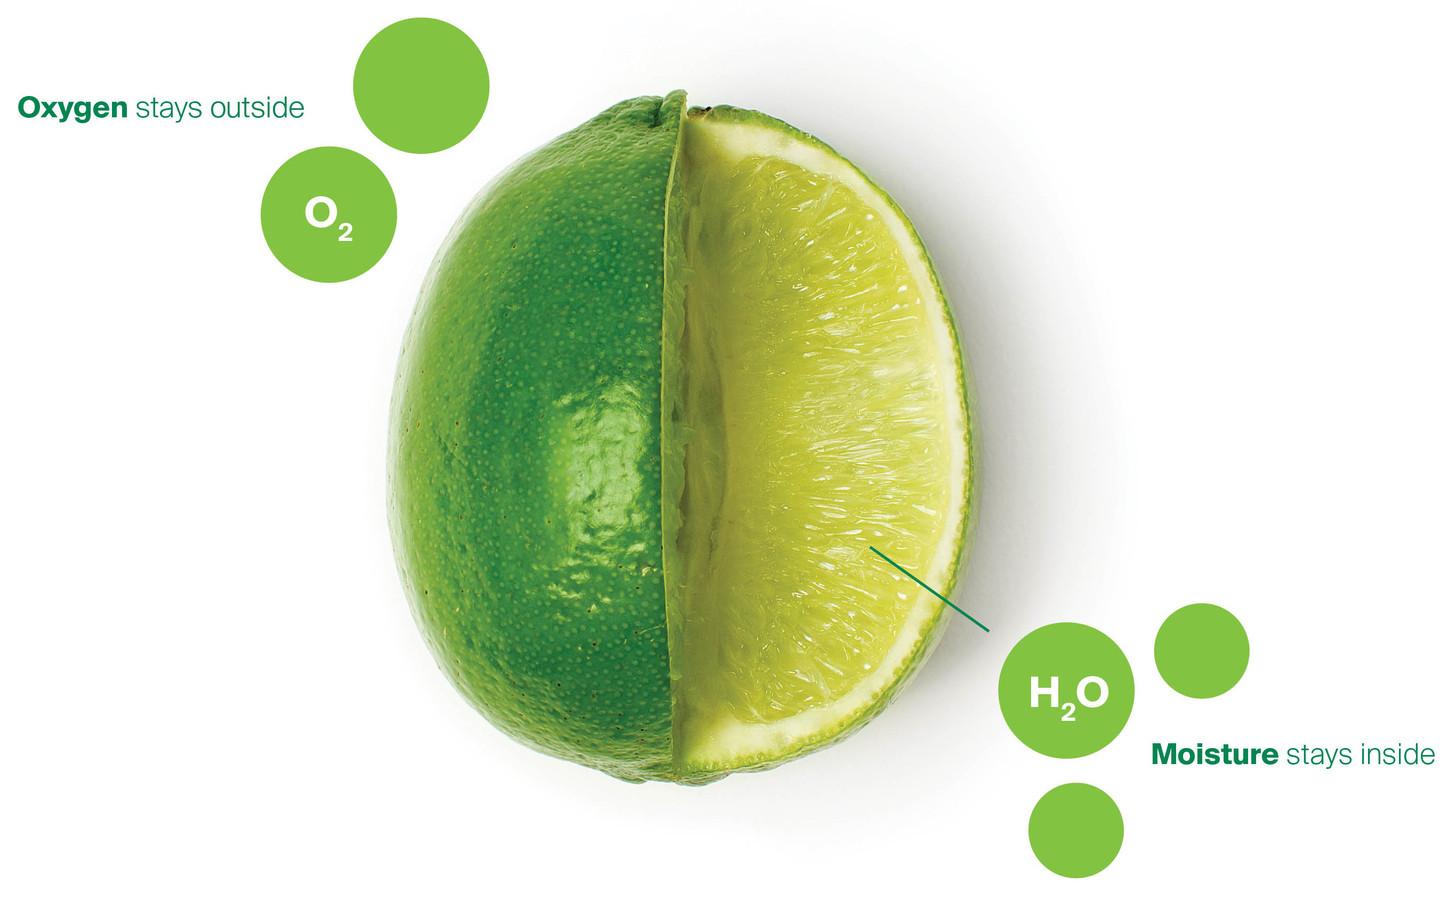 Apeel Sciences stelt dat zuurstof buiten het product blijft, terwijl het vocht juist behouden blijft.